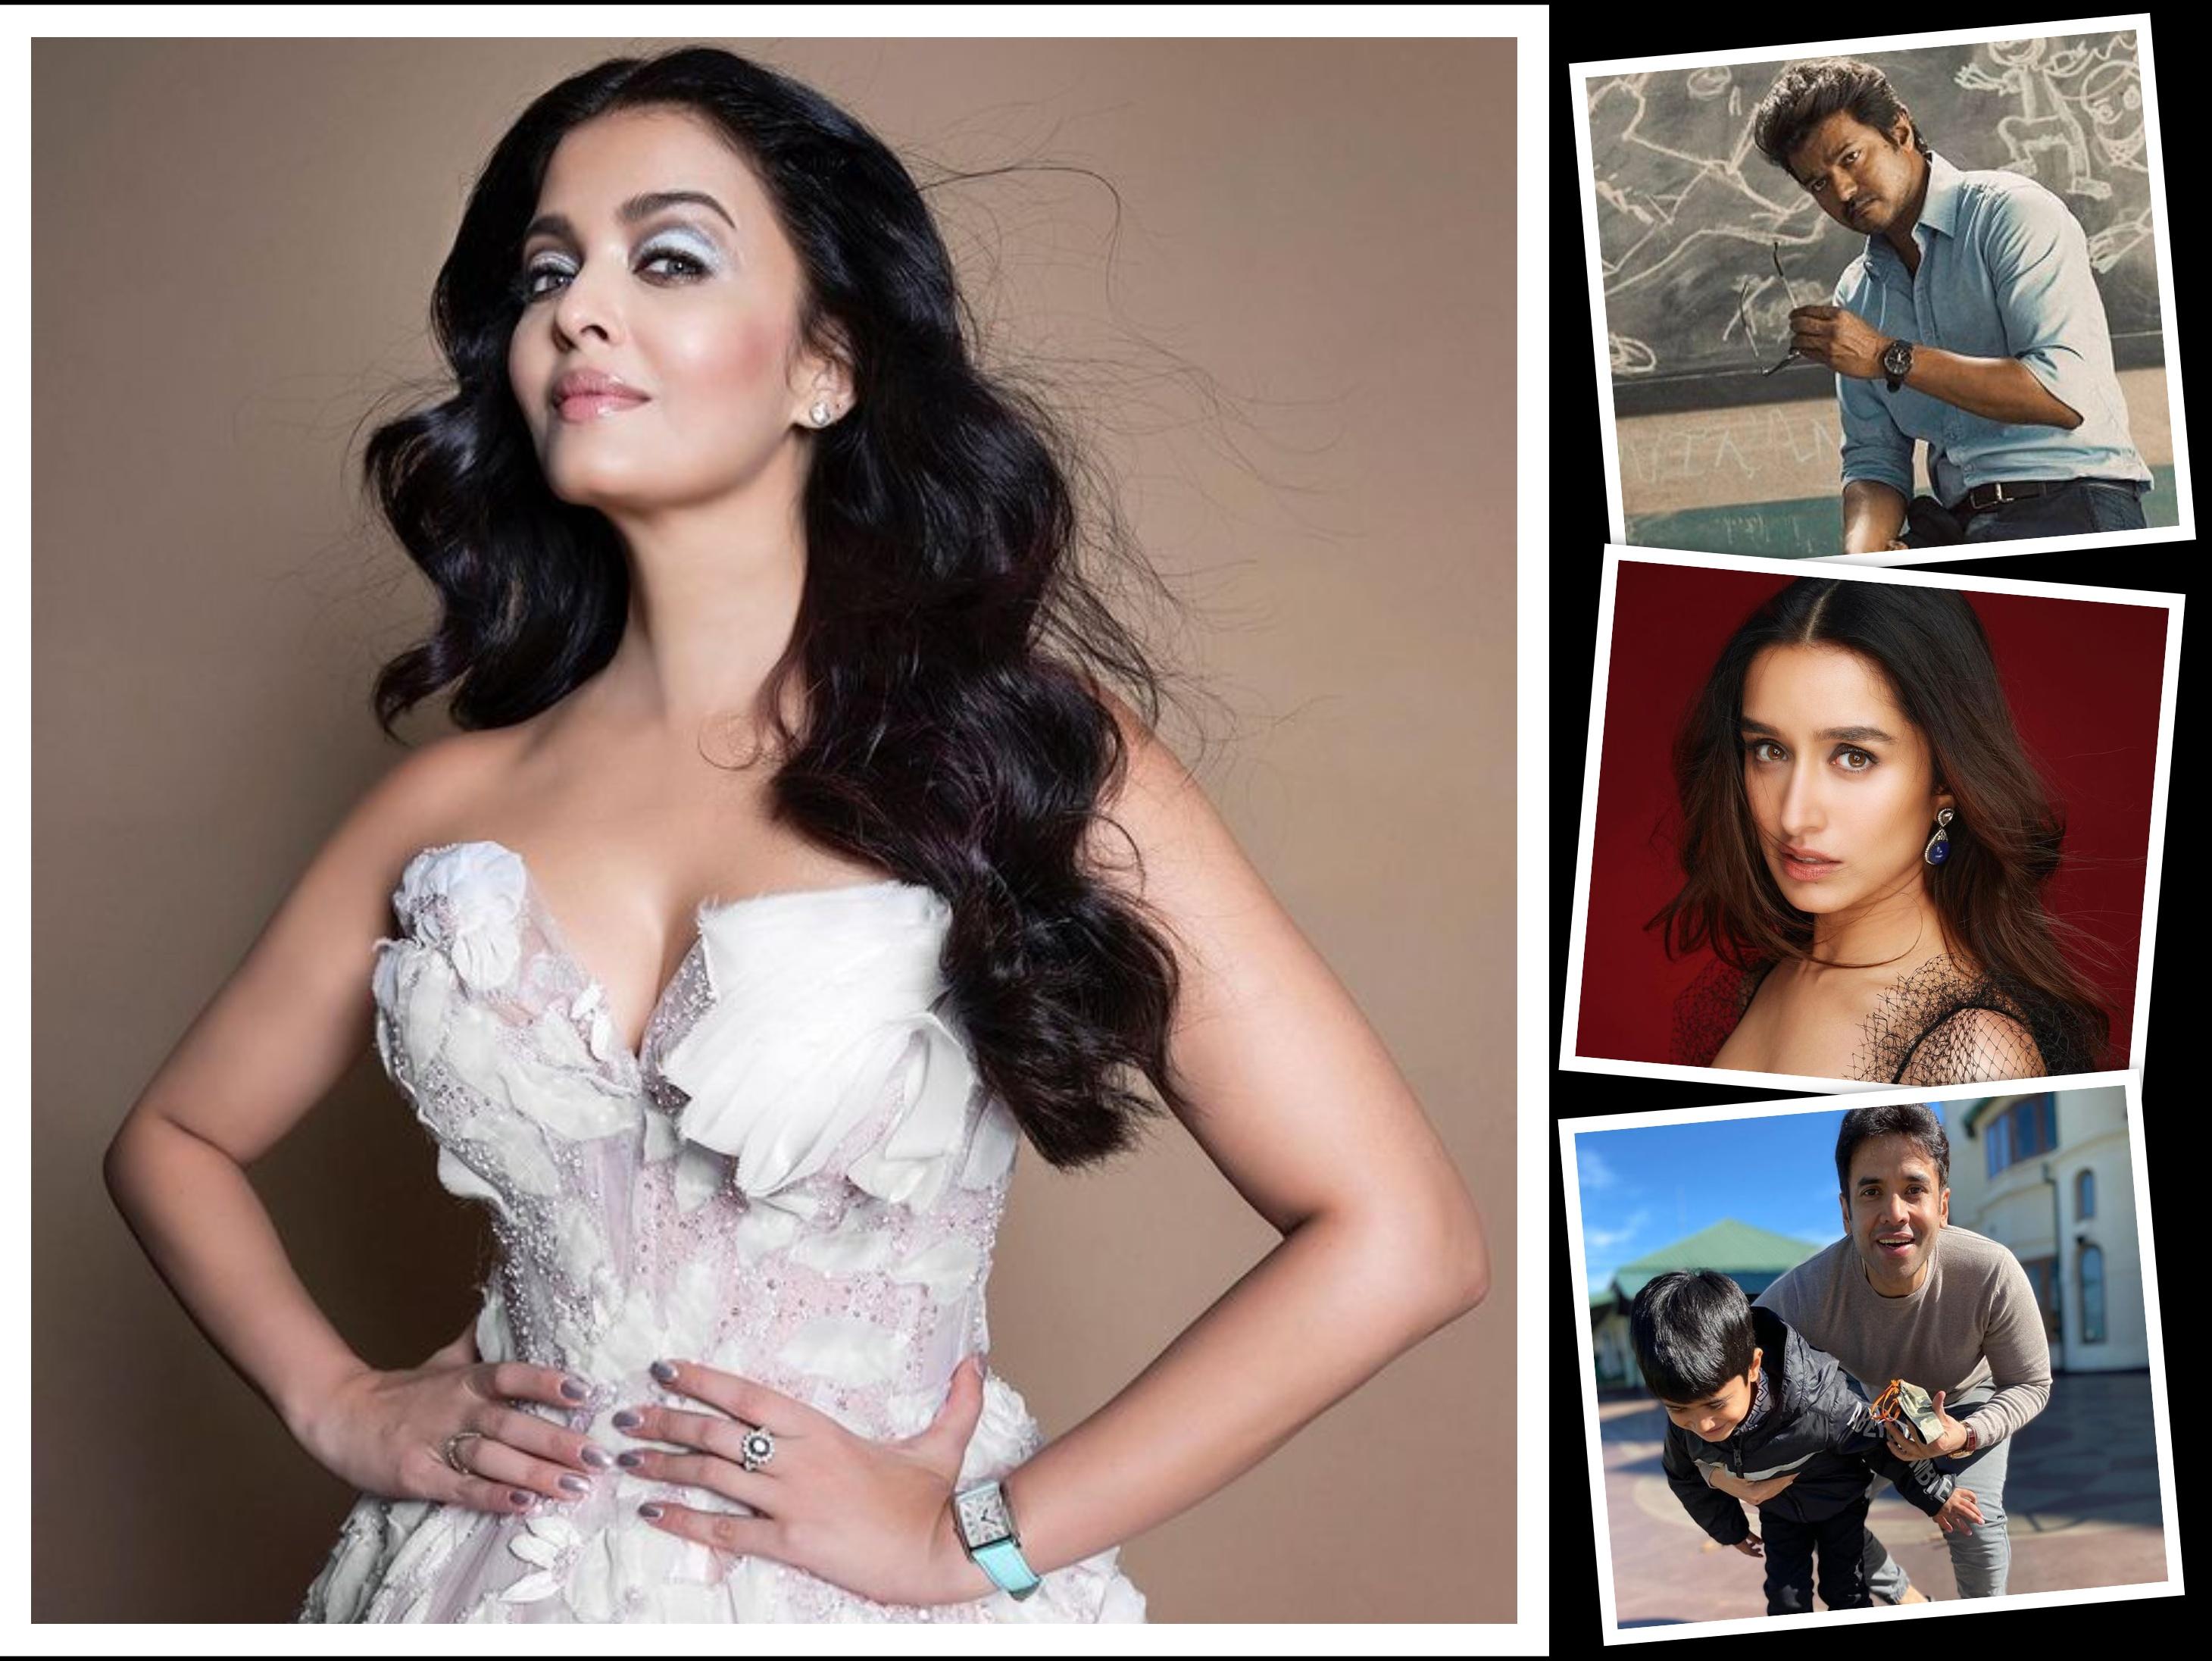 वरुण धवन ने दी हिंट जल्द ही शादी कर सकती हैं श्रद्धा कपूर, ऐश्वर्या राय ने शुरू की मणिरत्न्म की फिल्म की शूटिंग|बॉलीवुड,Bollywood - Dainik Bhaskar